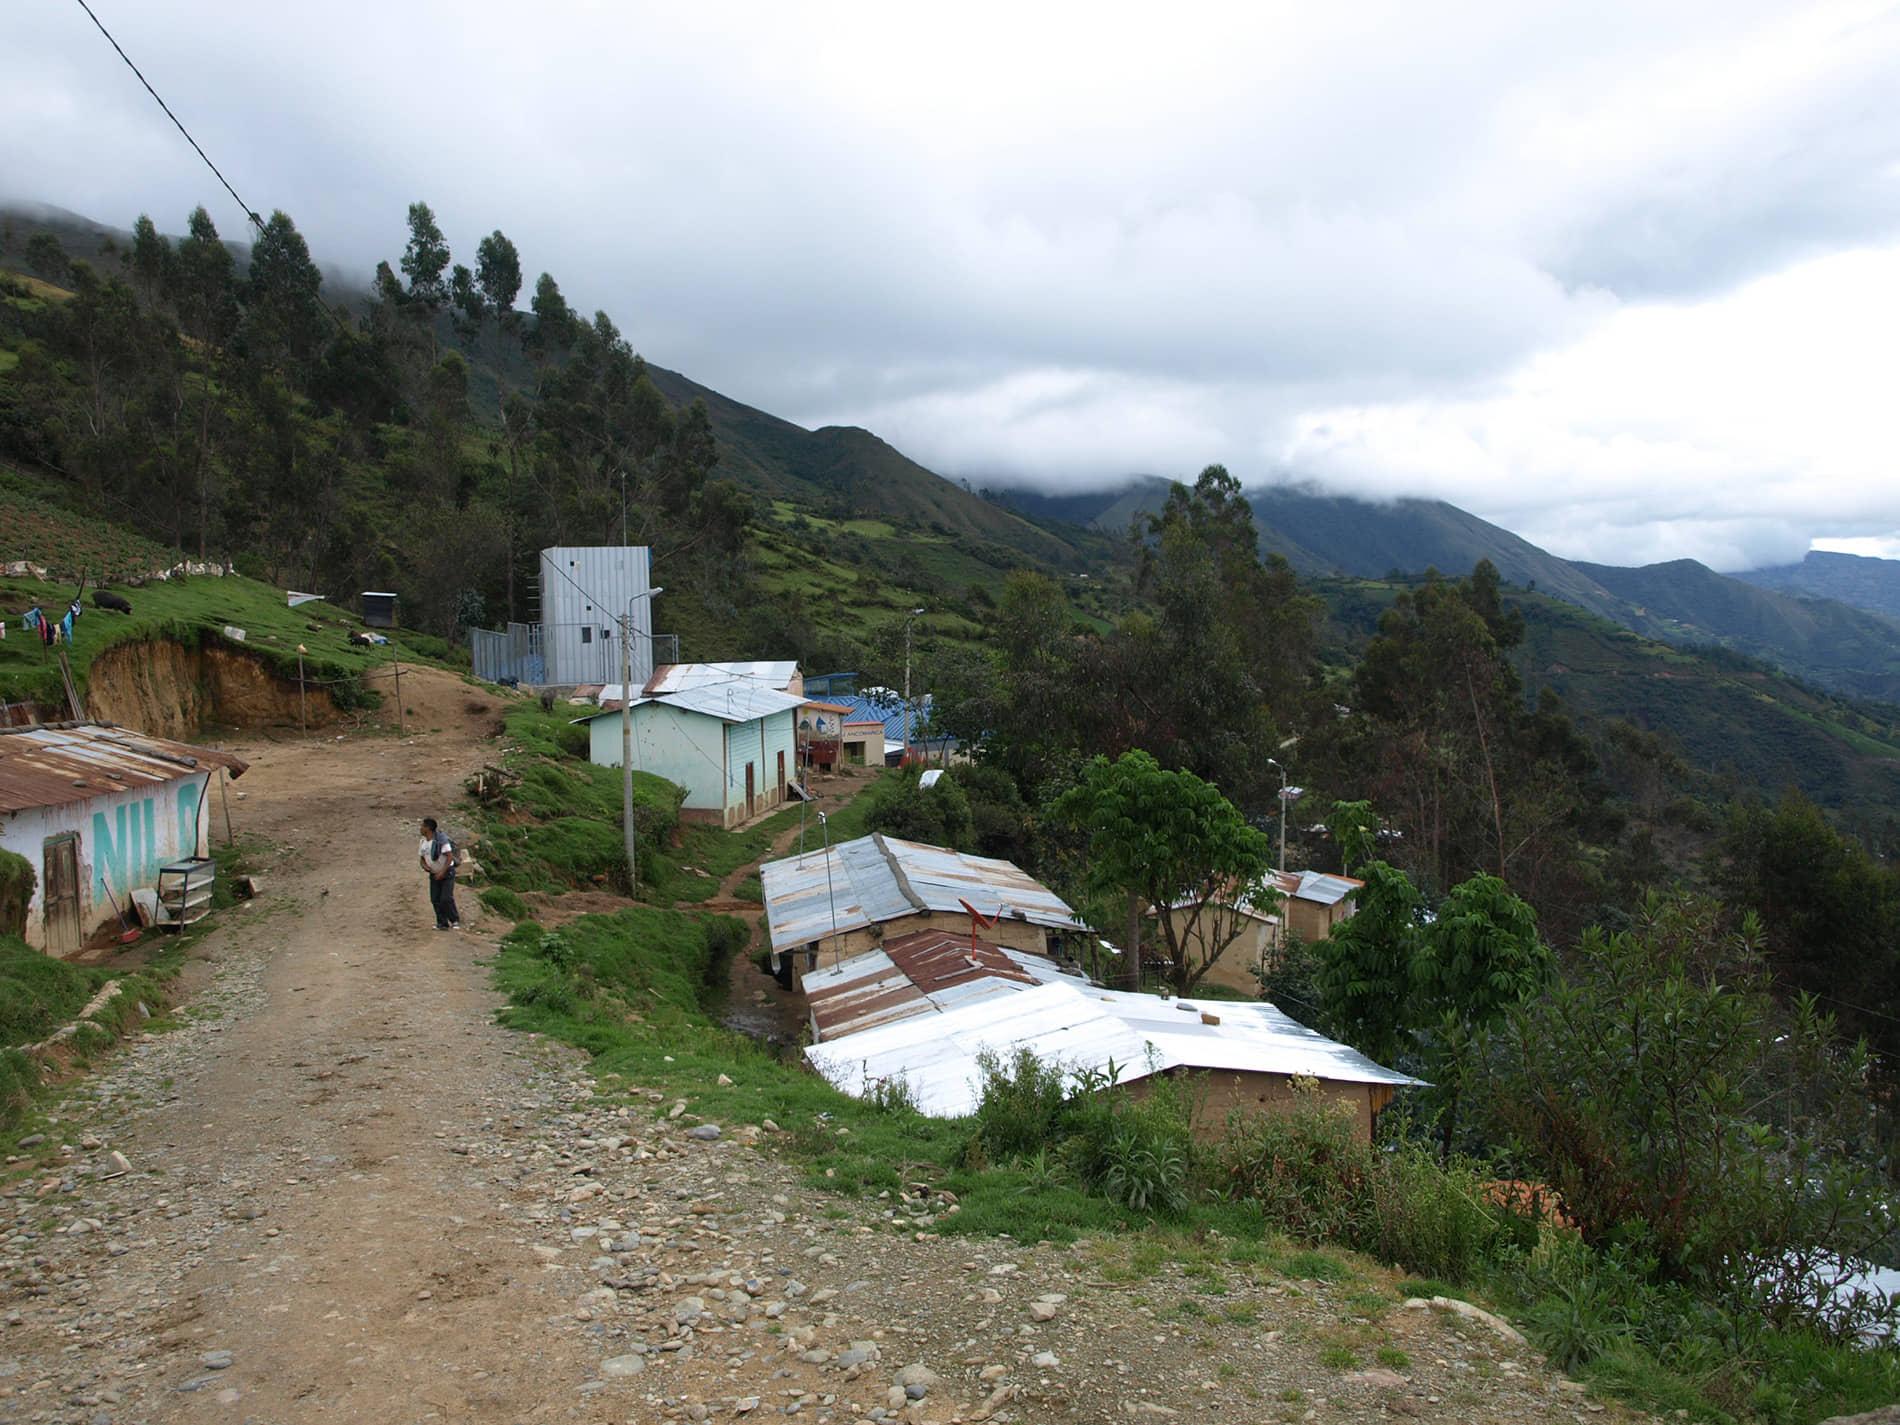 Colegio de Ancomarca